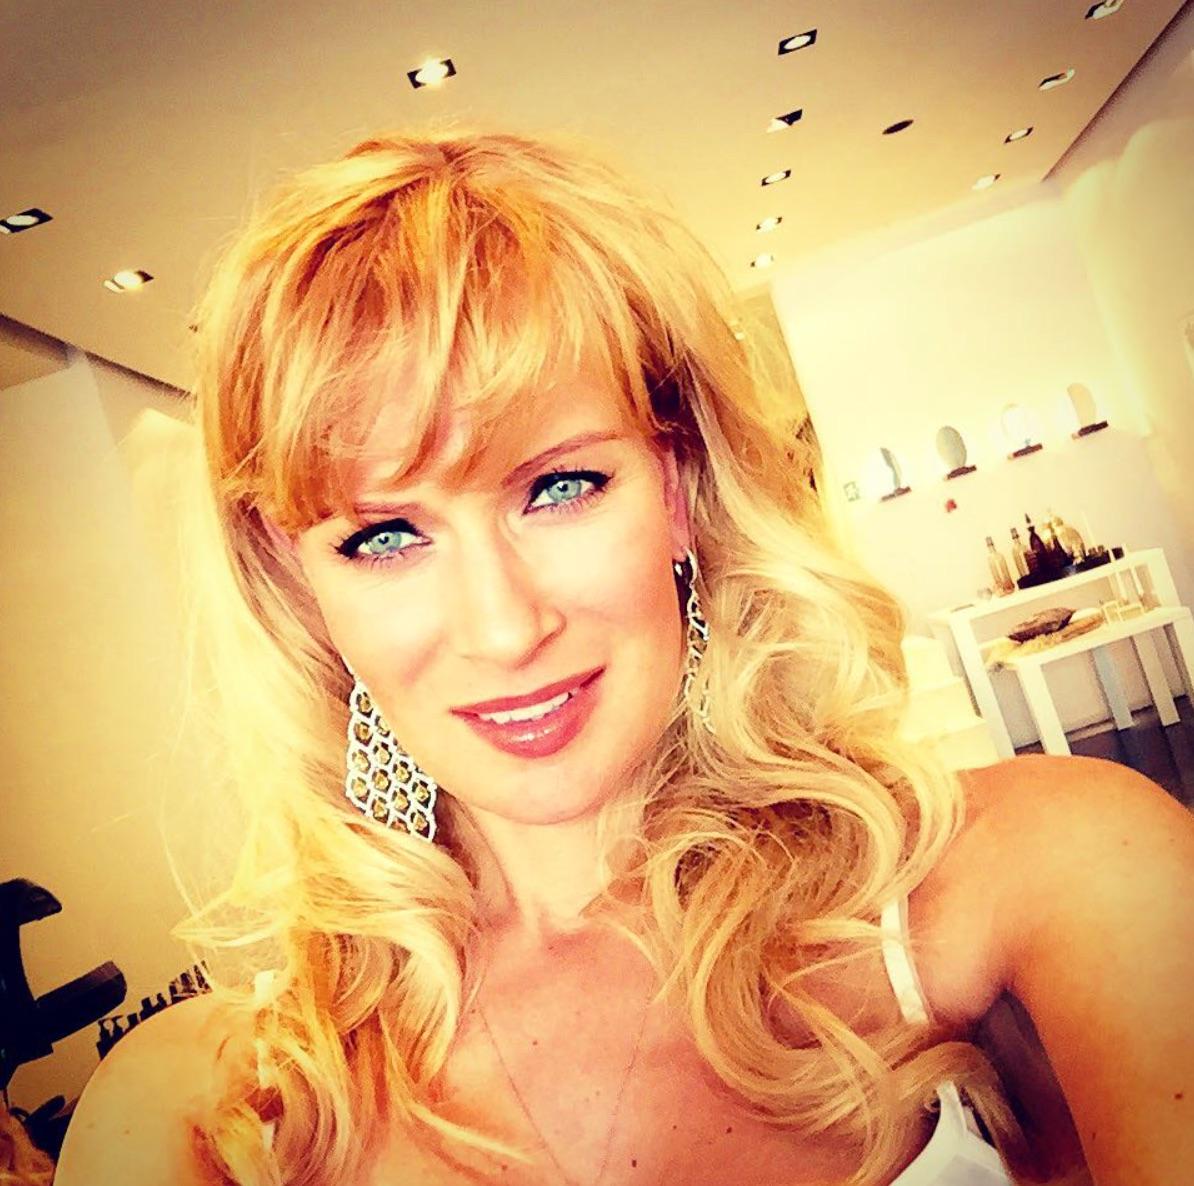 Олеся Судзиловская покорила красотой на новом портретном фото